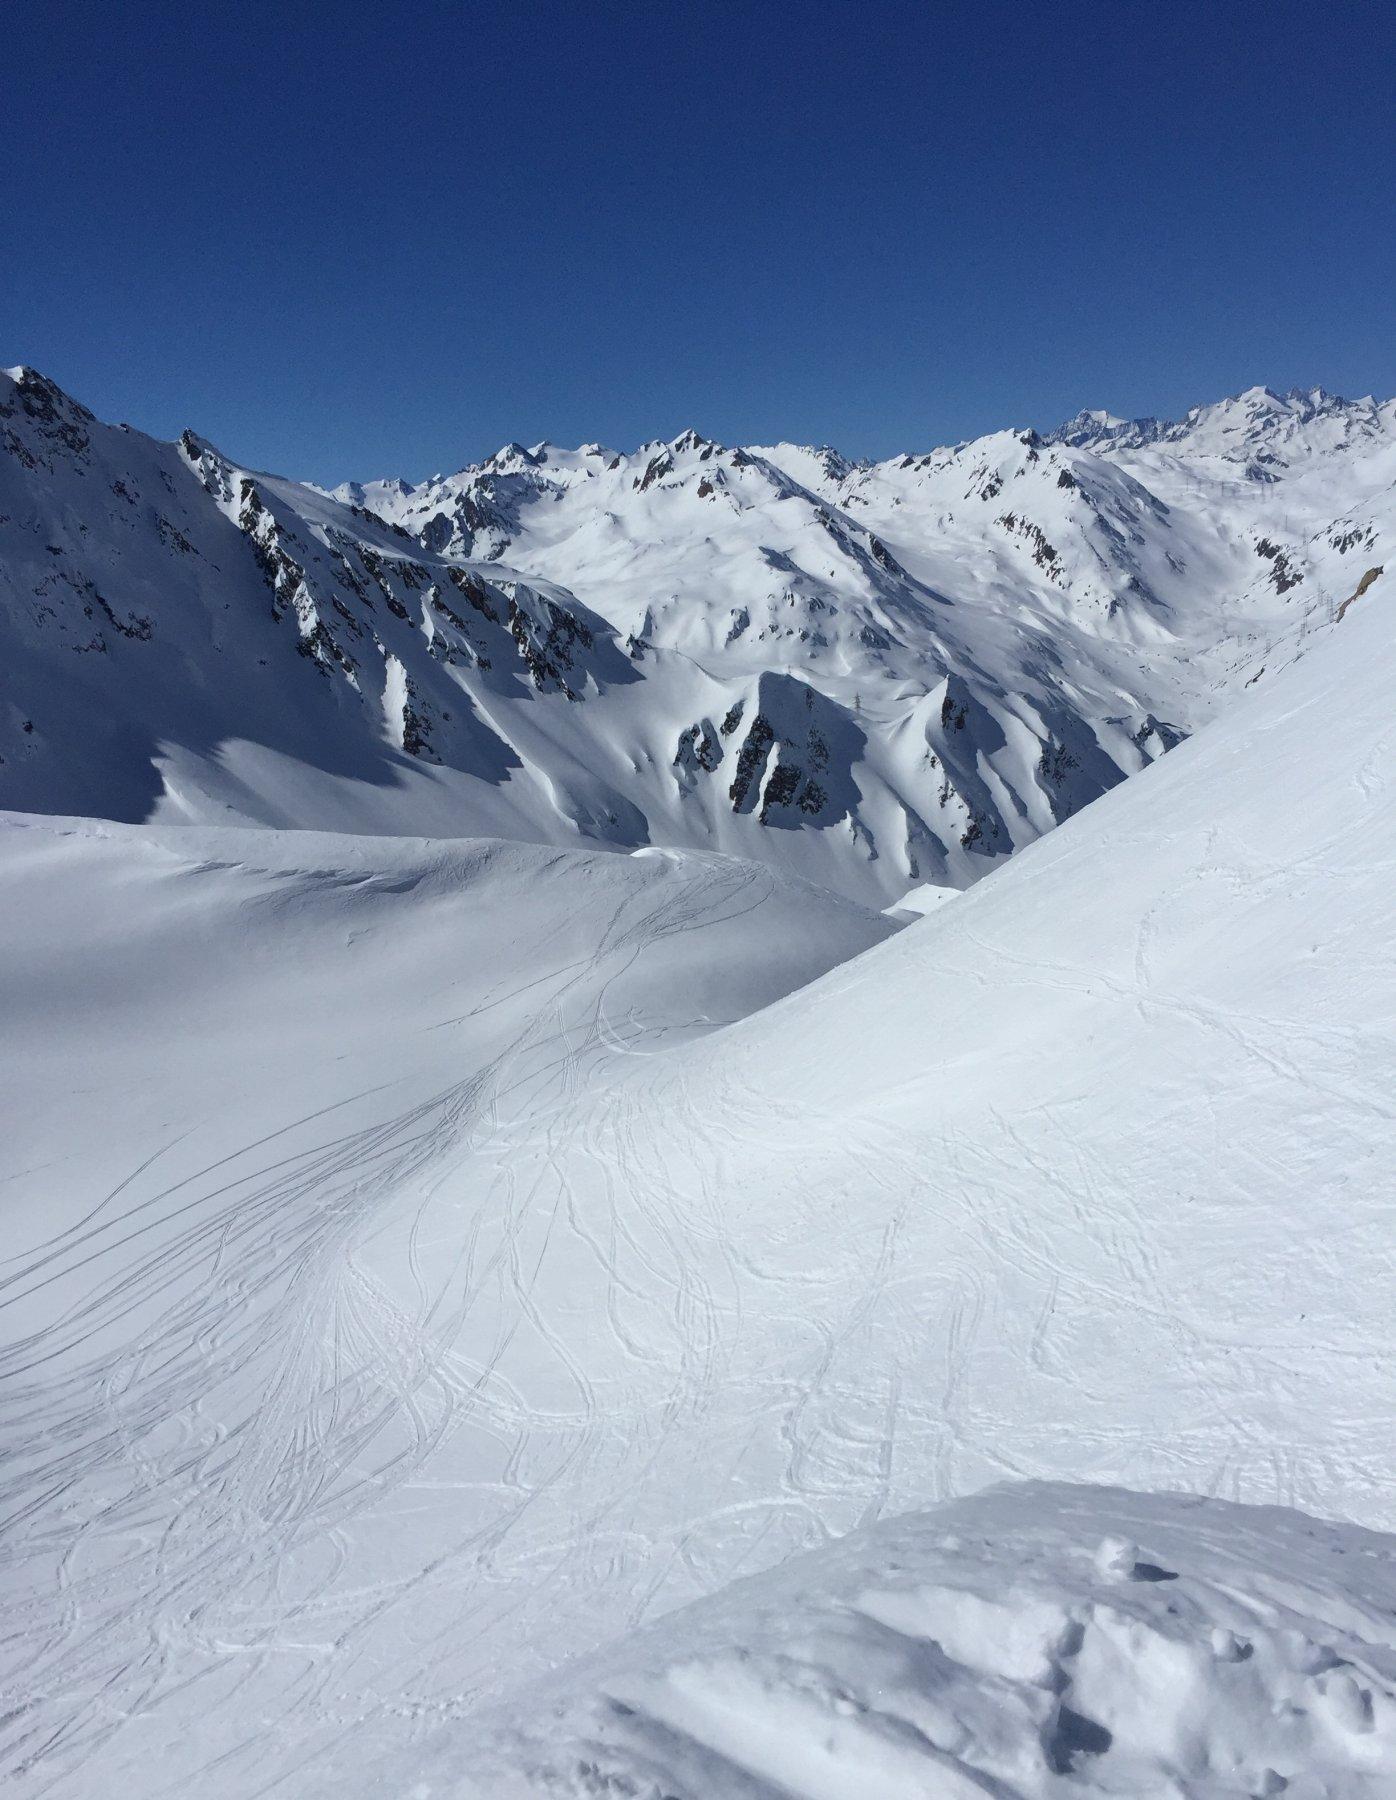 La discesa di Val Piana, importante dopo il primo tratto ripido tenersi a sinistra